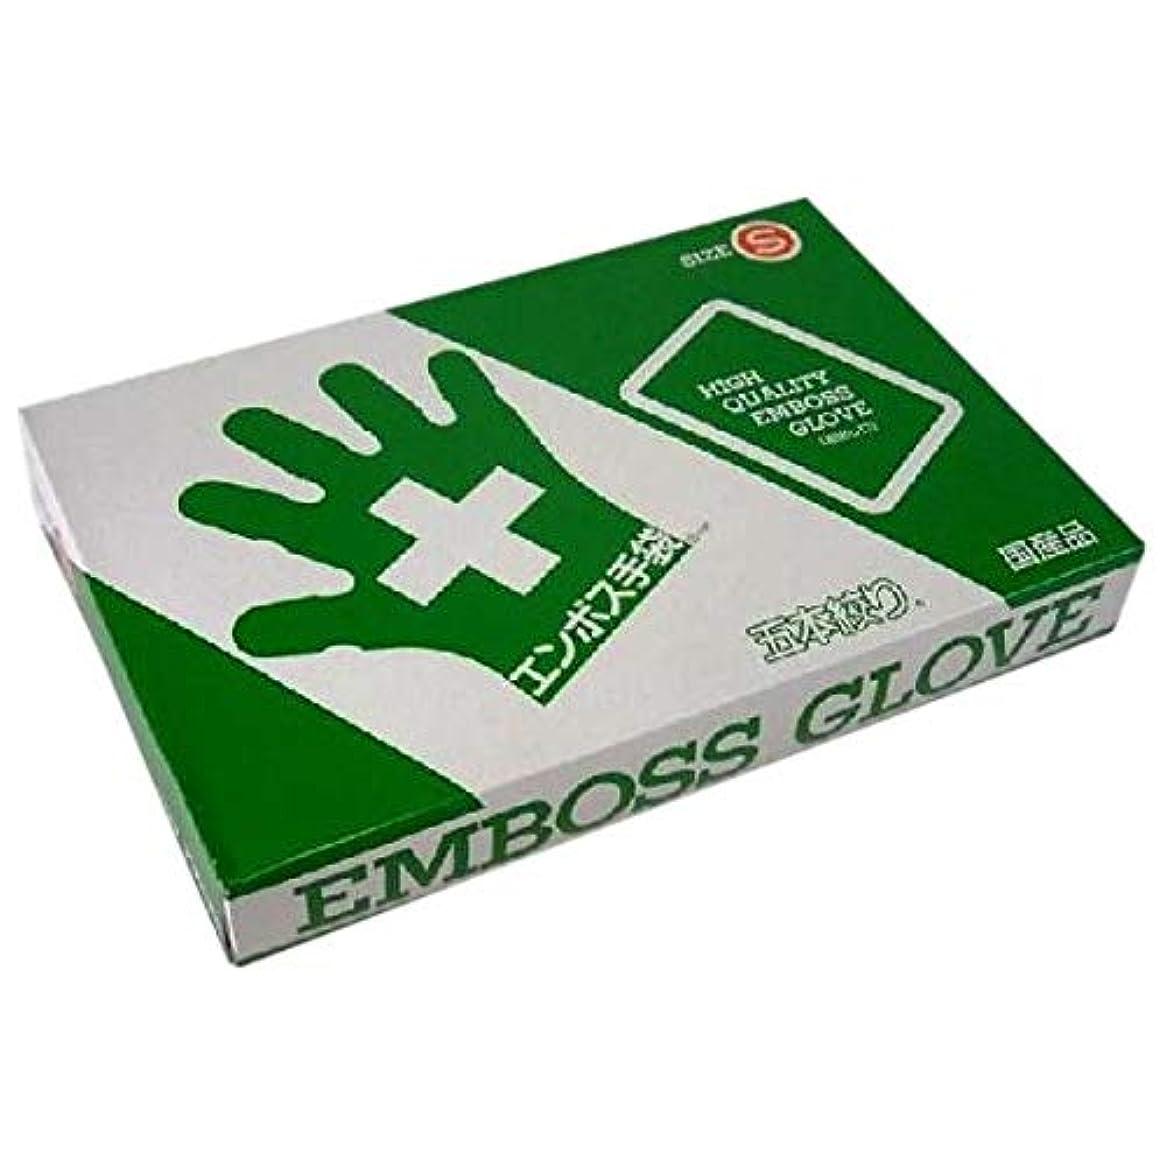 クモ拘束くエンボス手袋 5本絞り(使い捨て手袋国産品) 東京パック S 200枚入x20箱入り